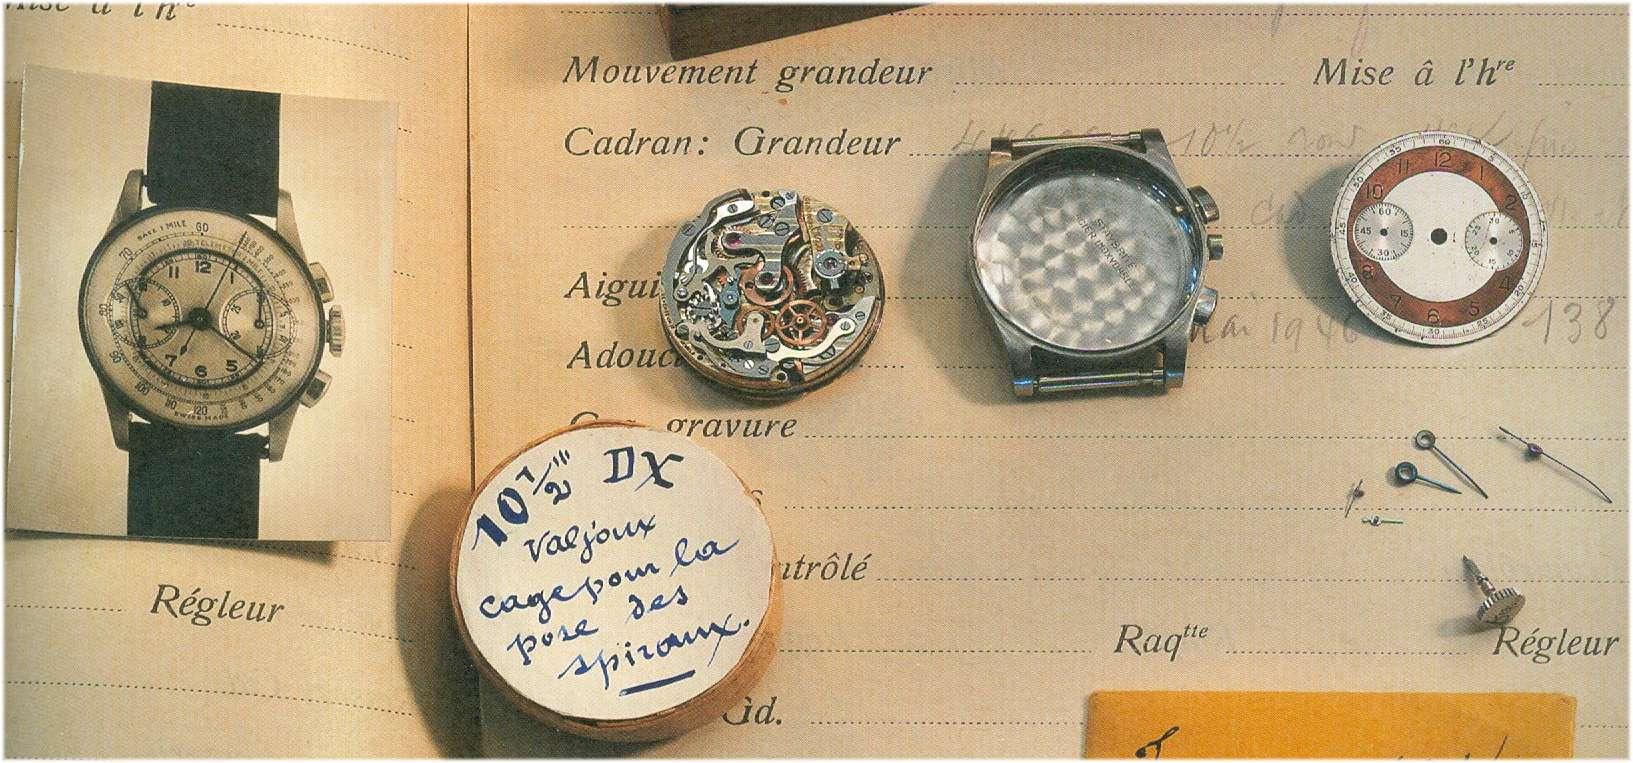 Der Damen-Chronograph, ausgestattet mit dem Kaliber 69 DX